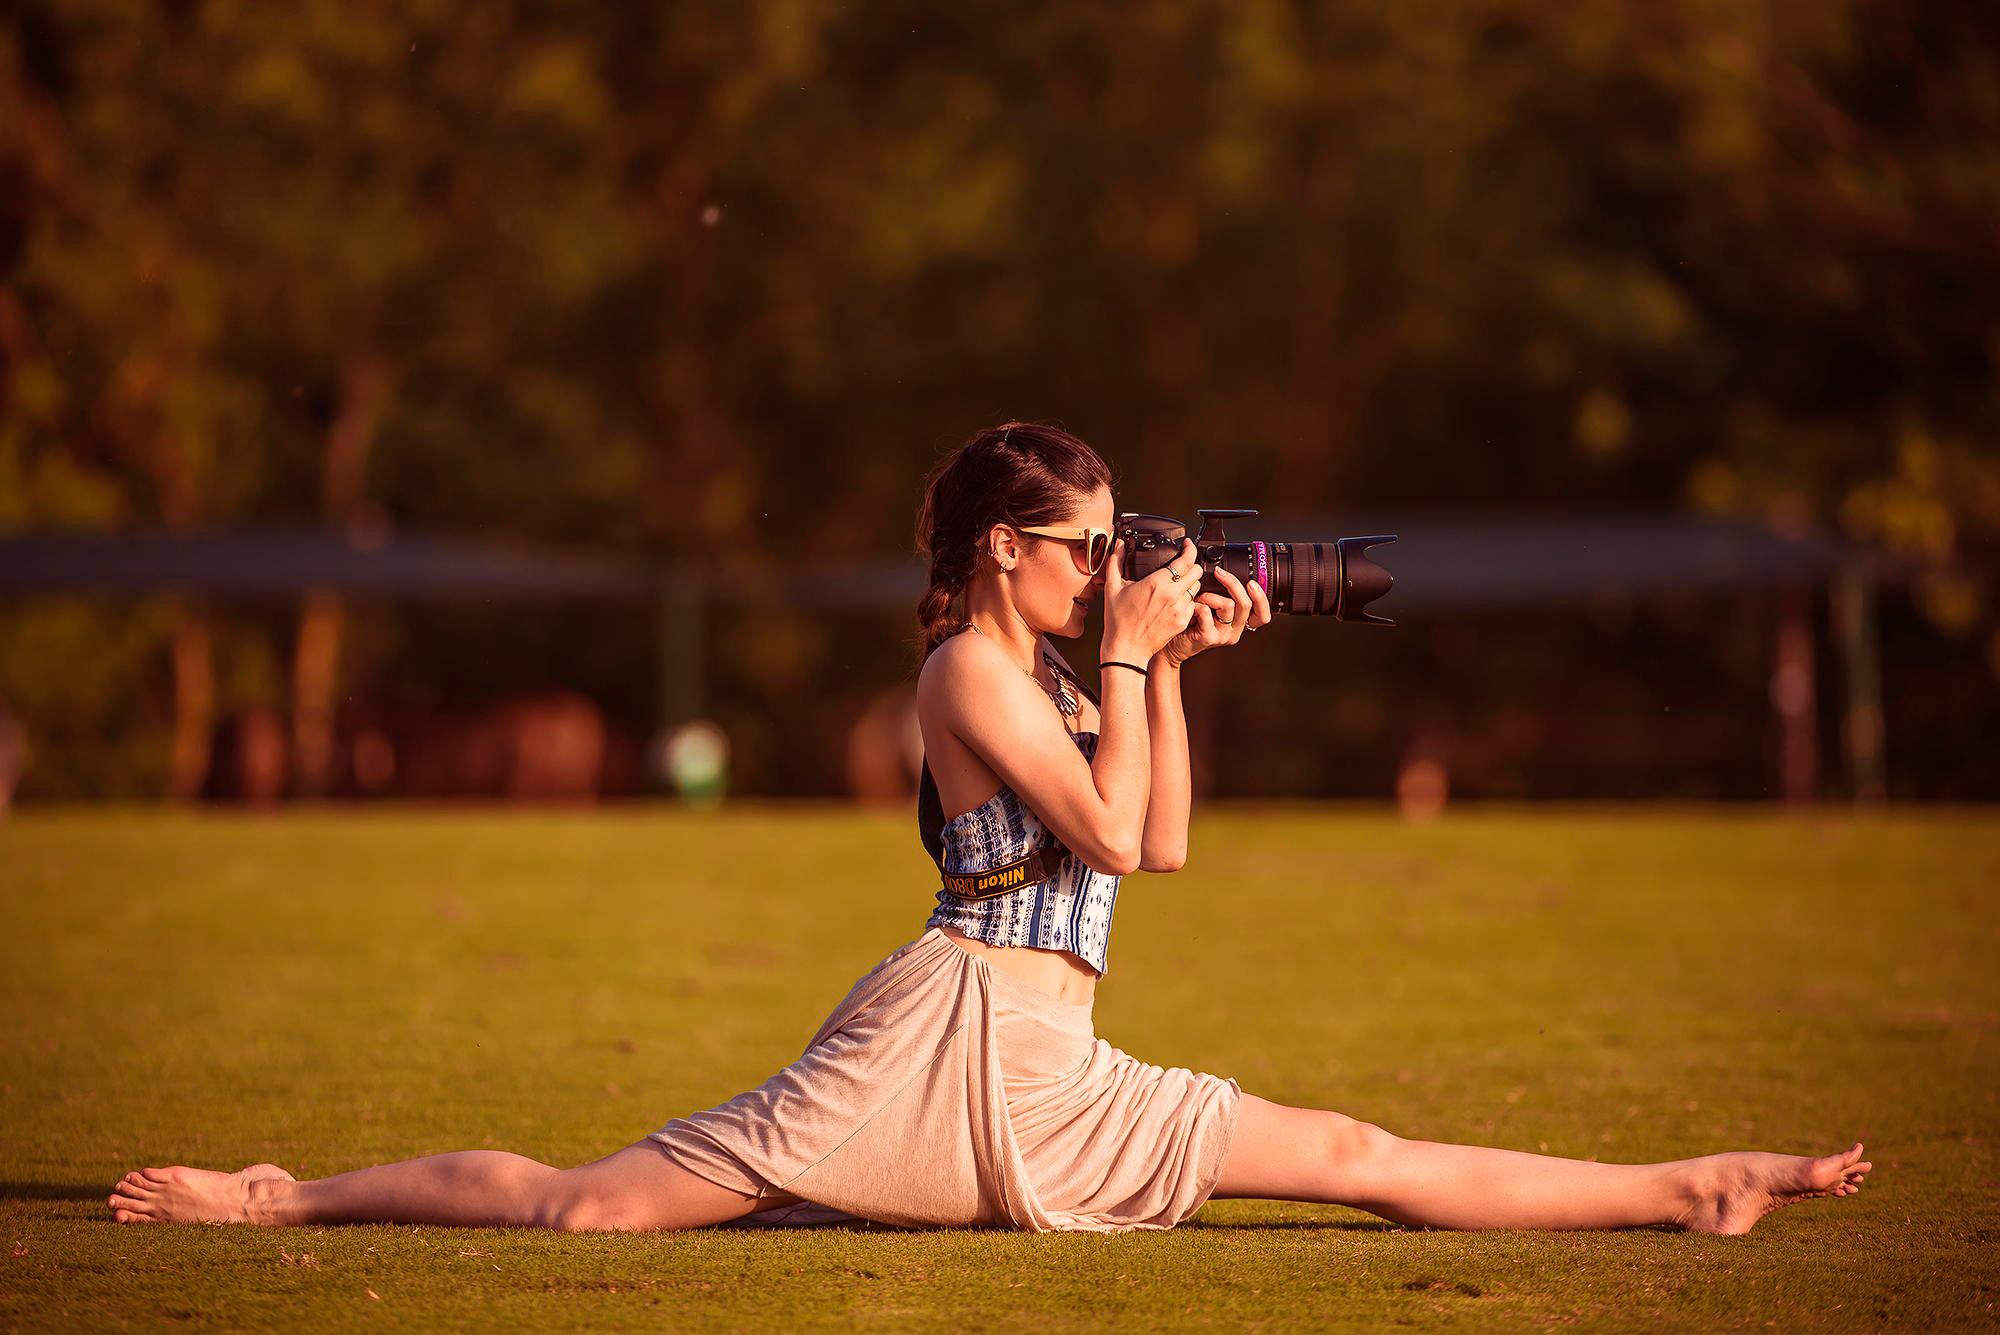 Девушка фотограф  № 524891  скачать